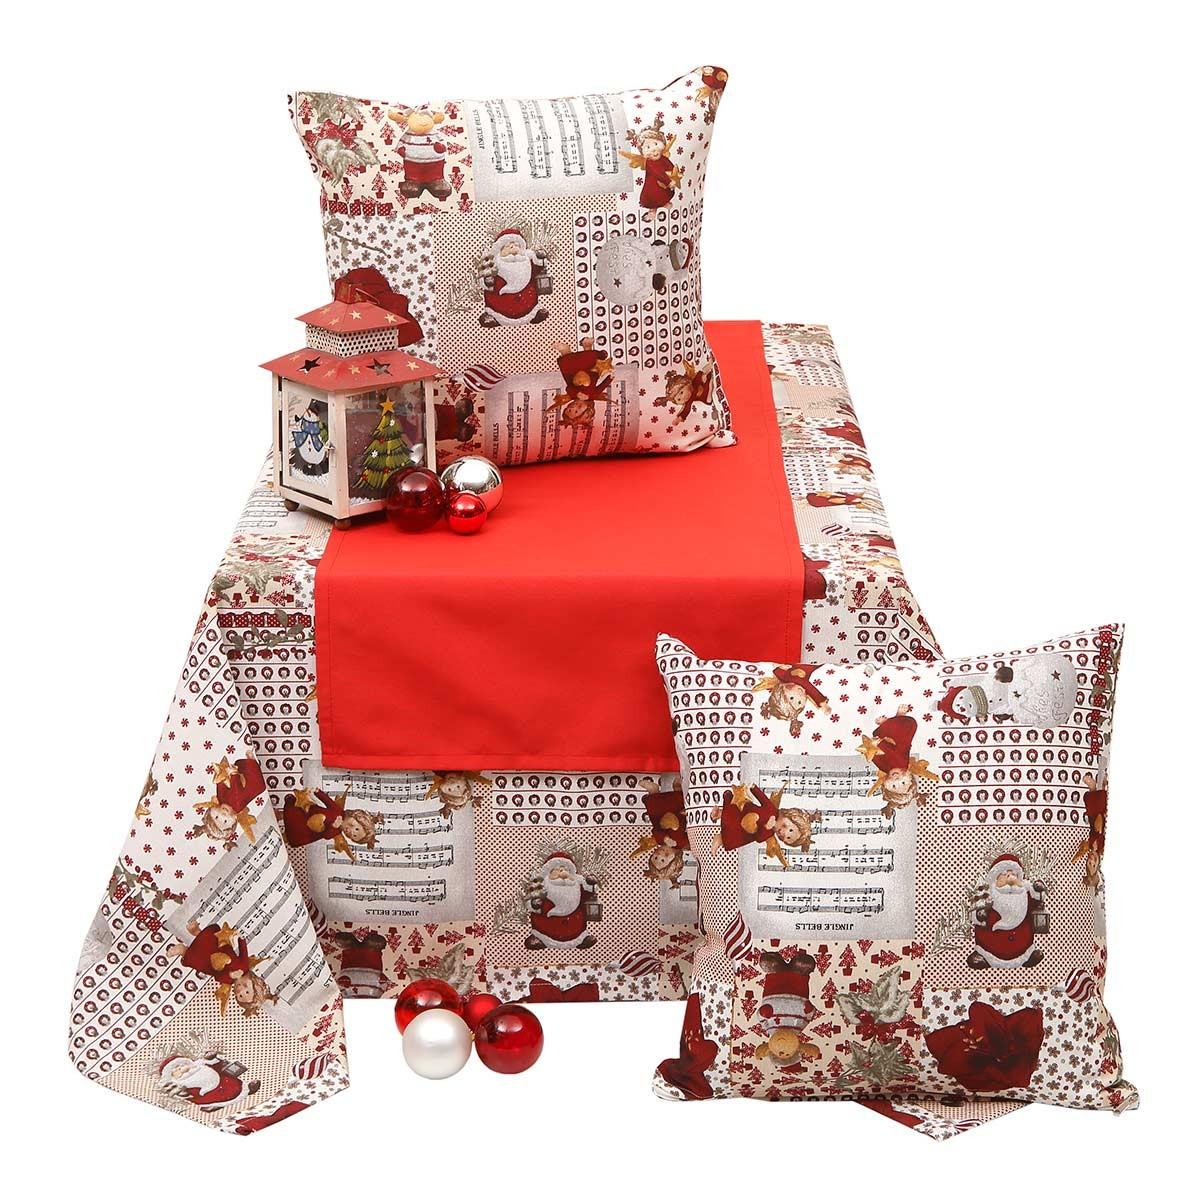 Χριστουγεννιάτικο Καρέ Viopros 4435 home   χριστουγεννιάτικα   χριστουγεννιάτικα καρέ